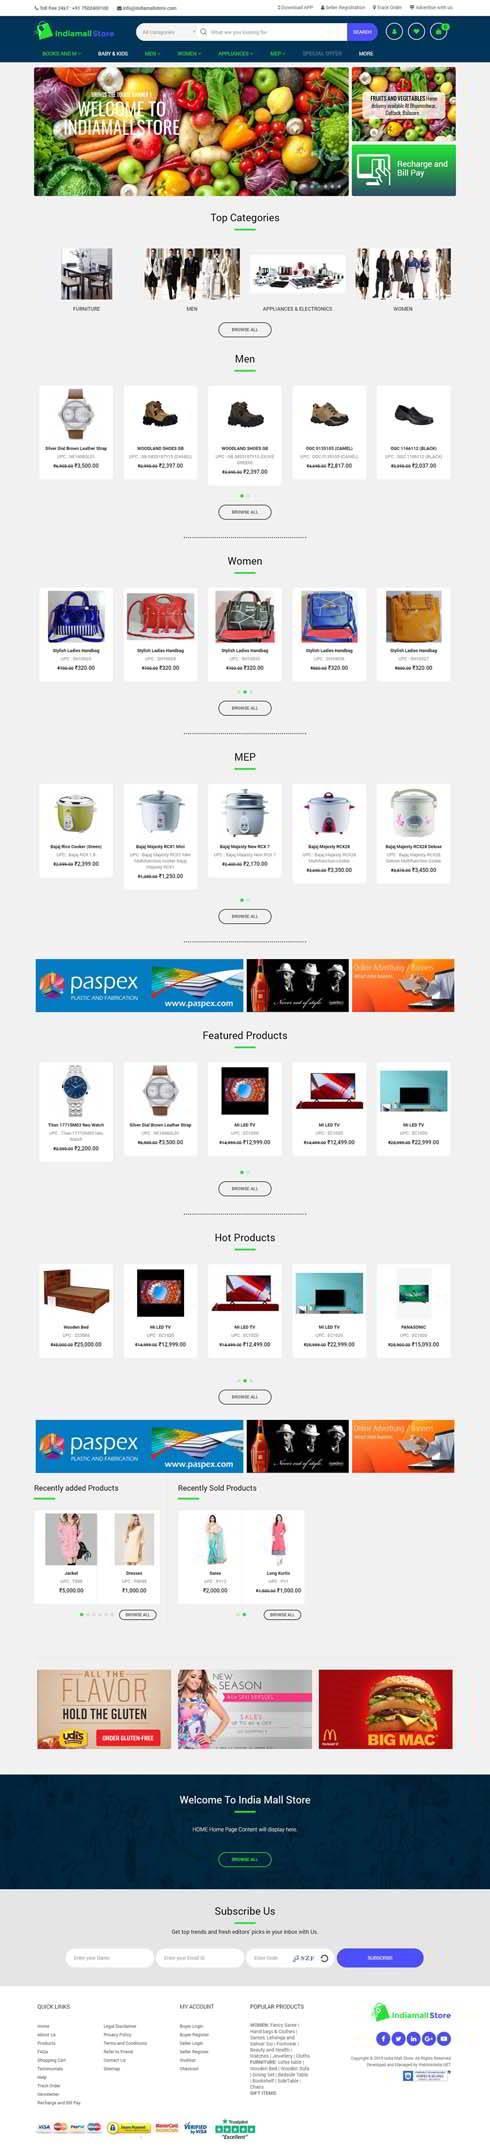 India Mall Store India Web Design